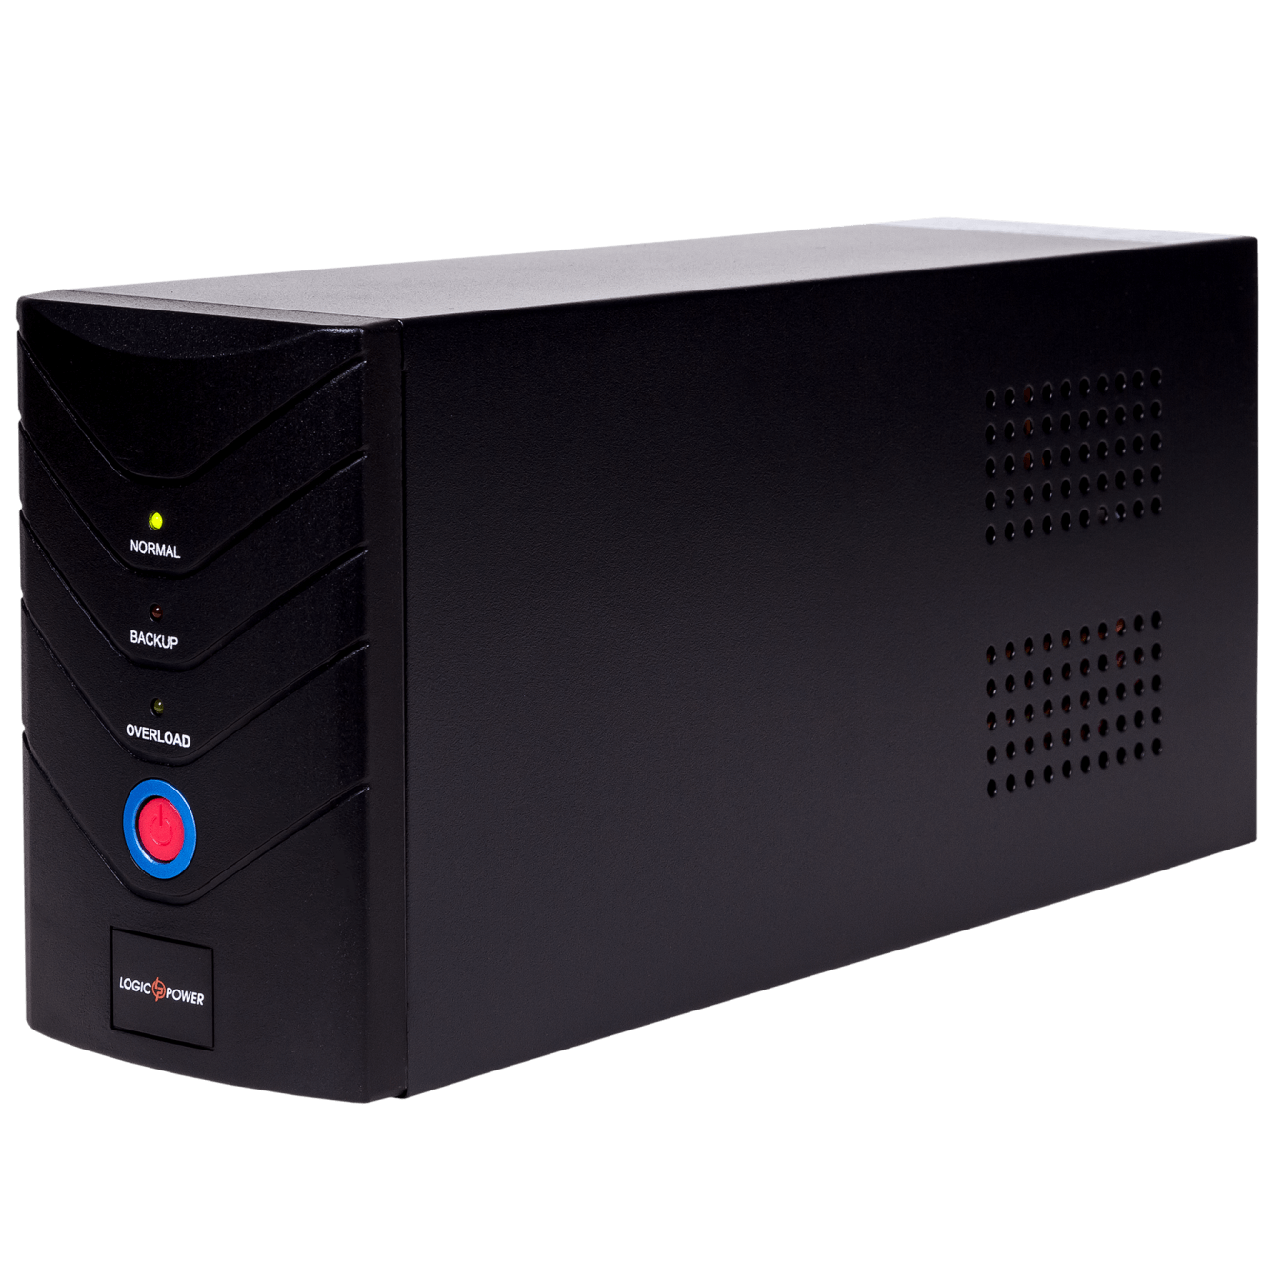 ИБП линейно-интерактивный LogicPower LP U850VA